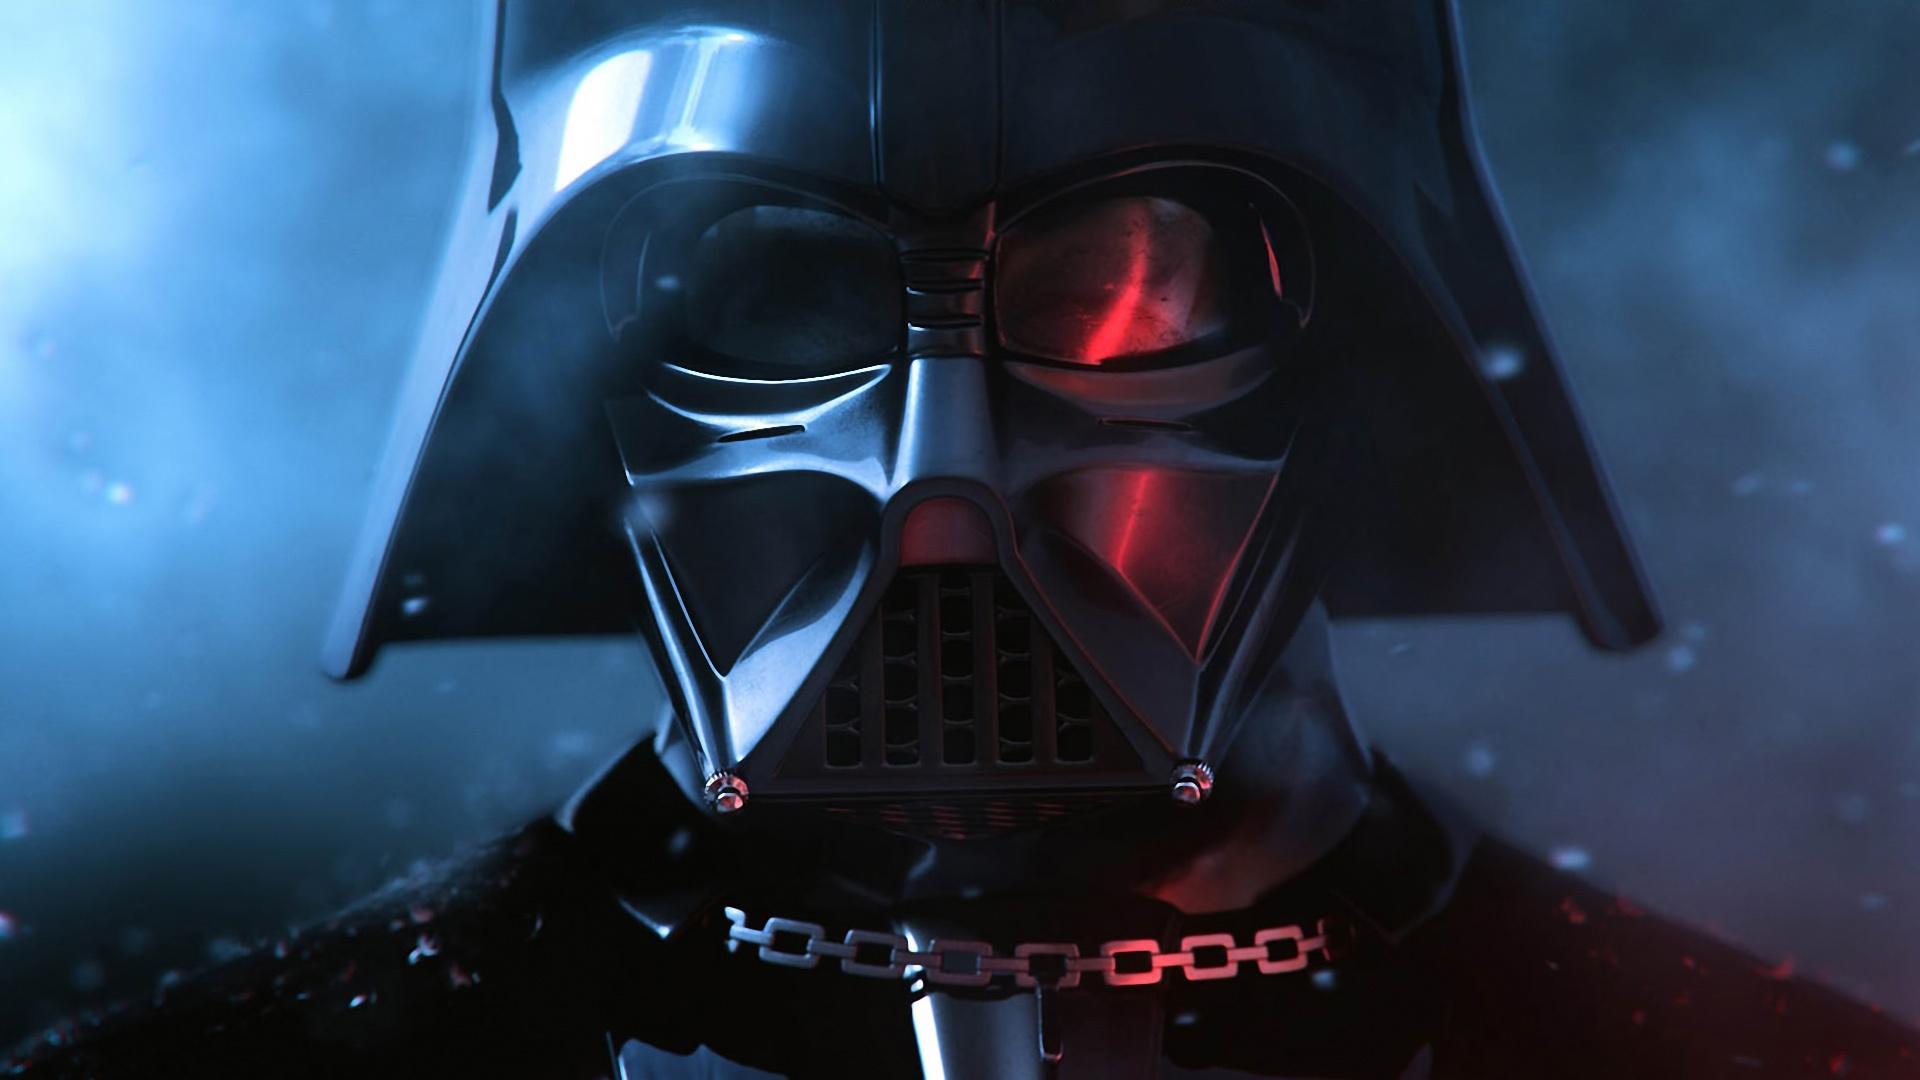 star wars, darth vader fonds d'écran x fonds d'écran de